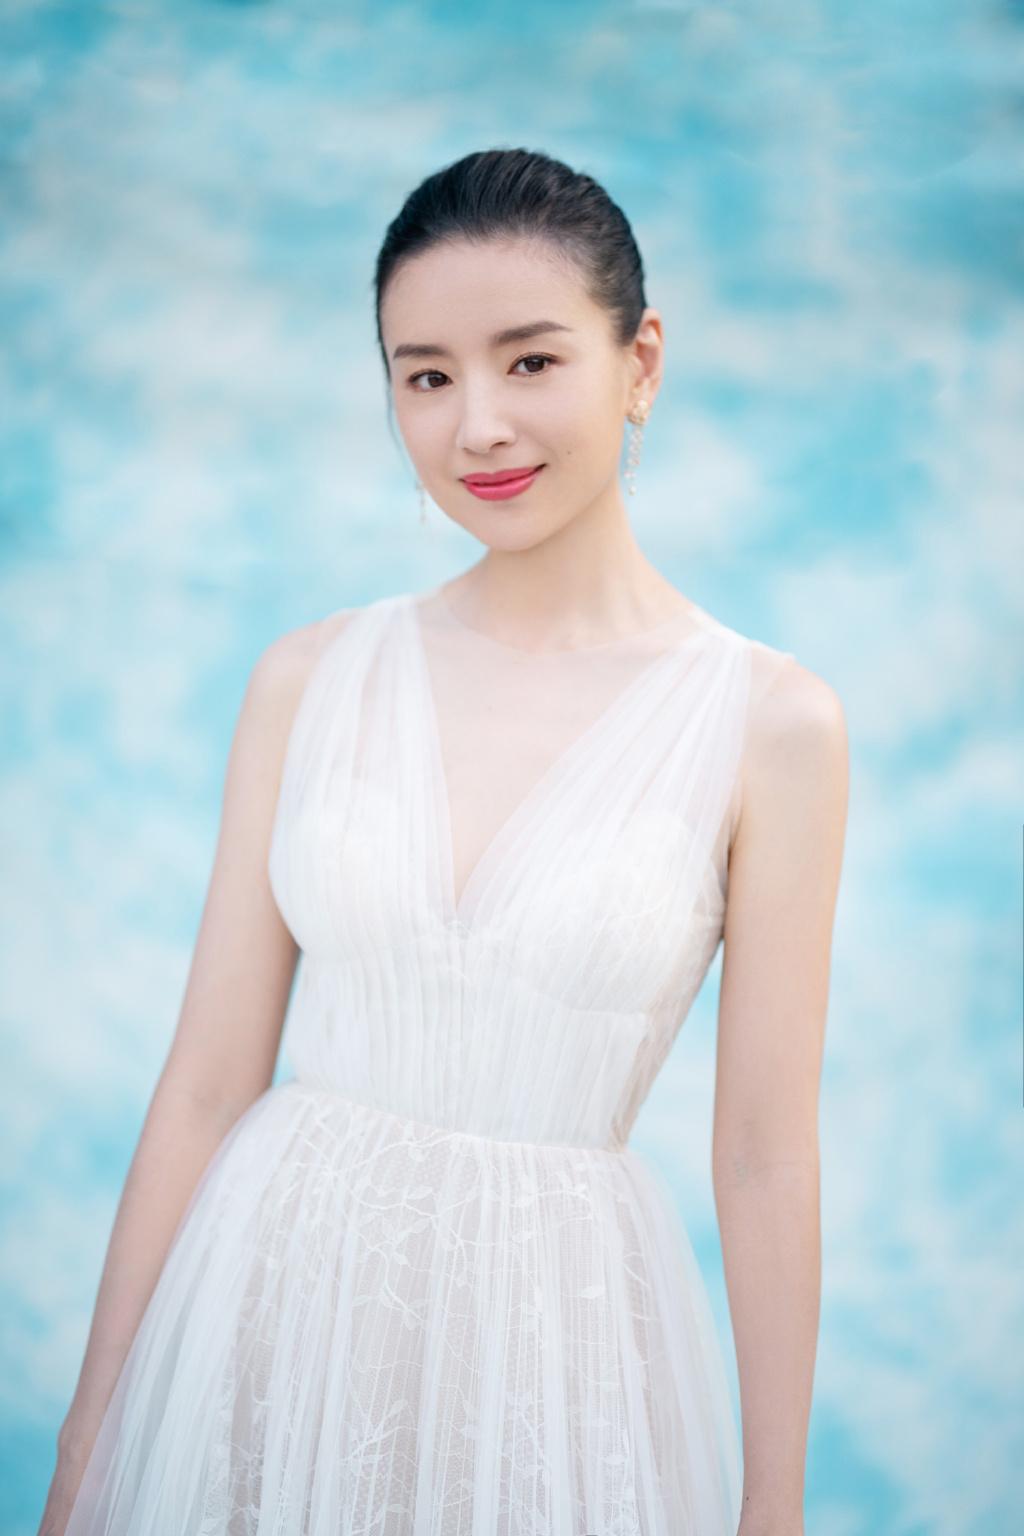 原创董洁39岁穿白色连衣裙显仙气,皮肤保养好,不像是10岁儿子的妈